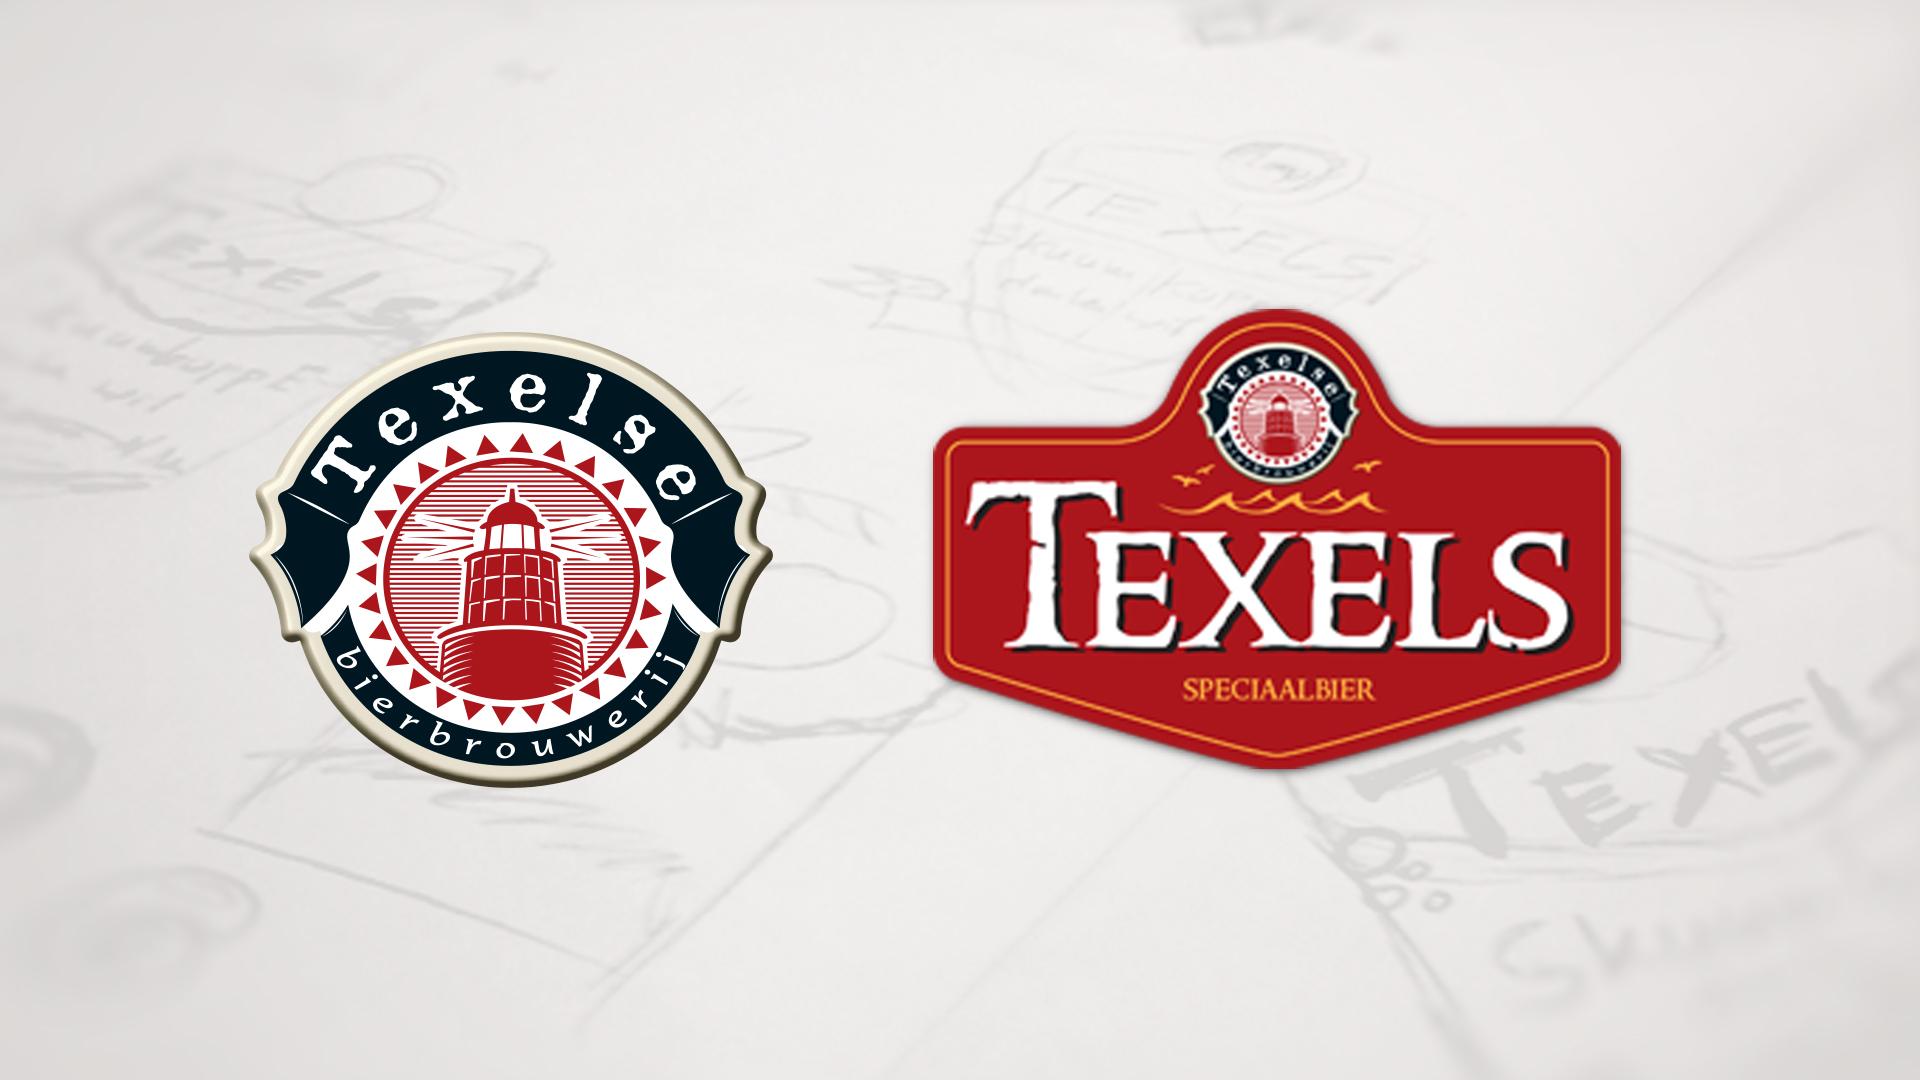 Texelse bierbrouwerij logo nieuw en oud